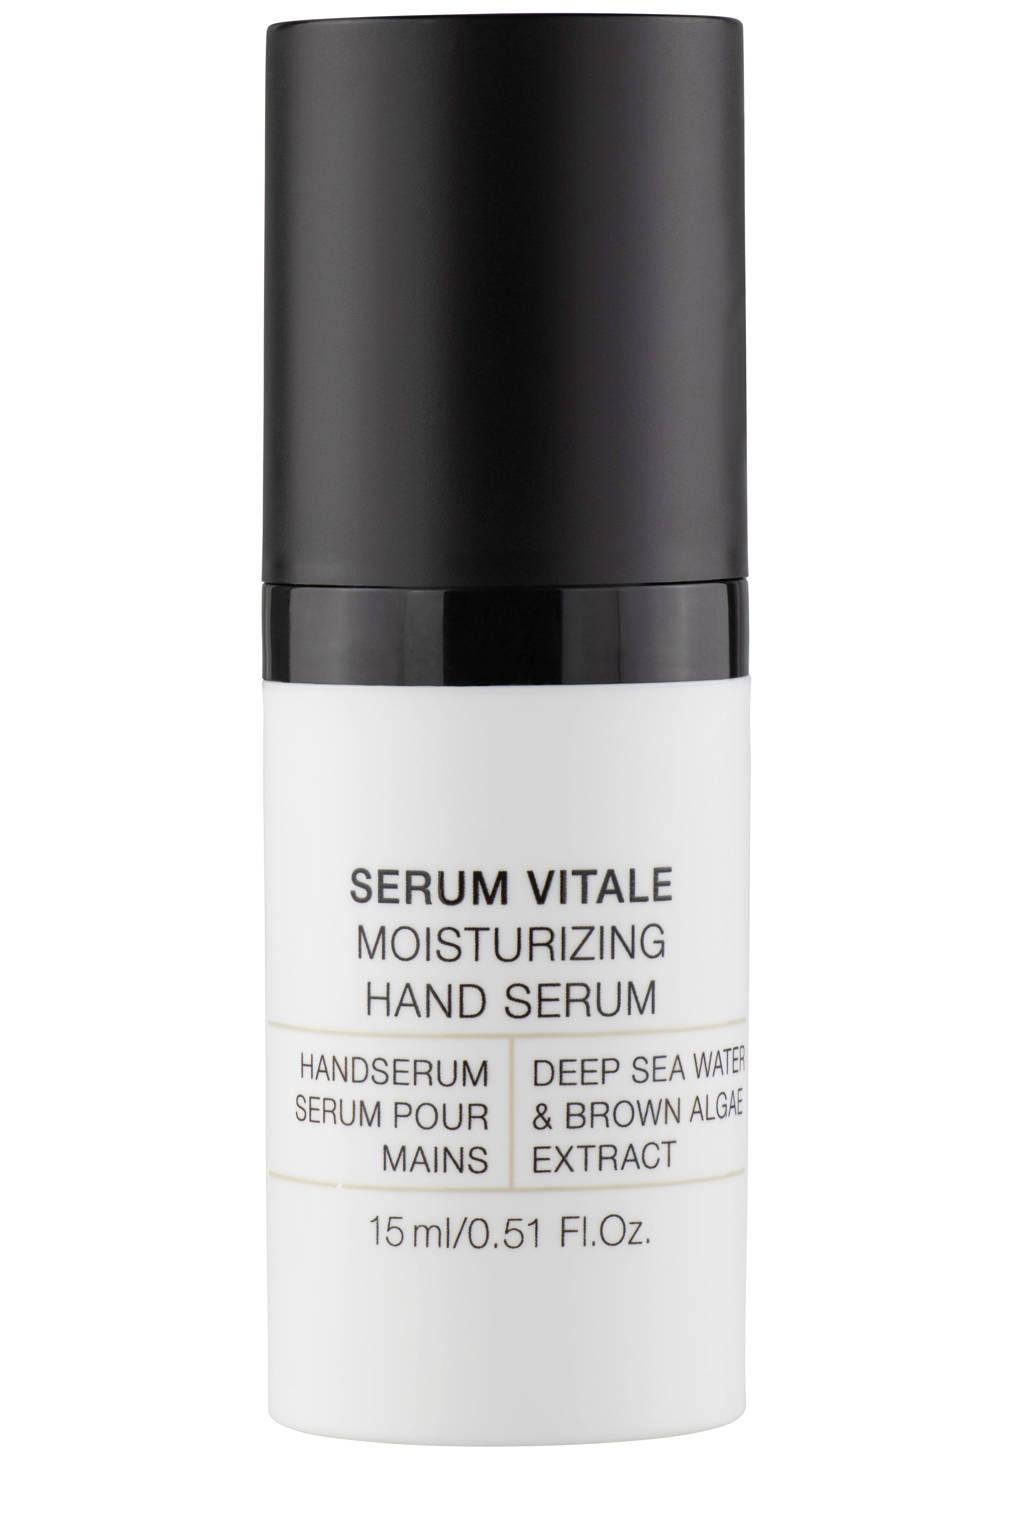 Alessandro Spa Serum Vitale handcrème